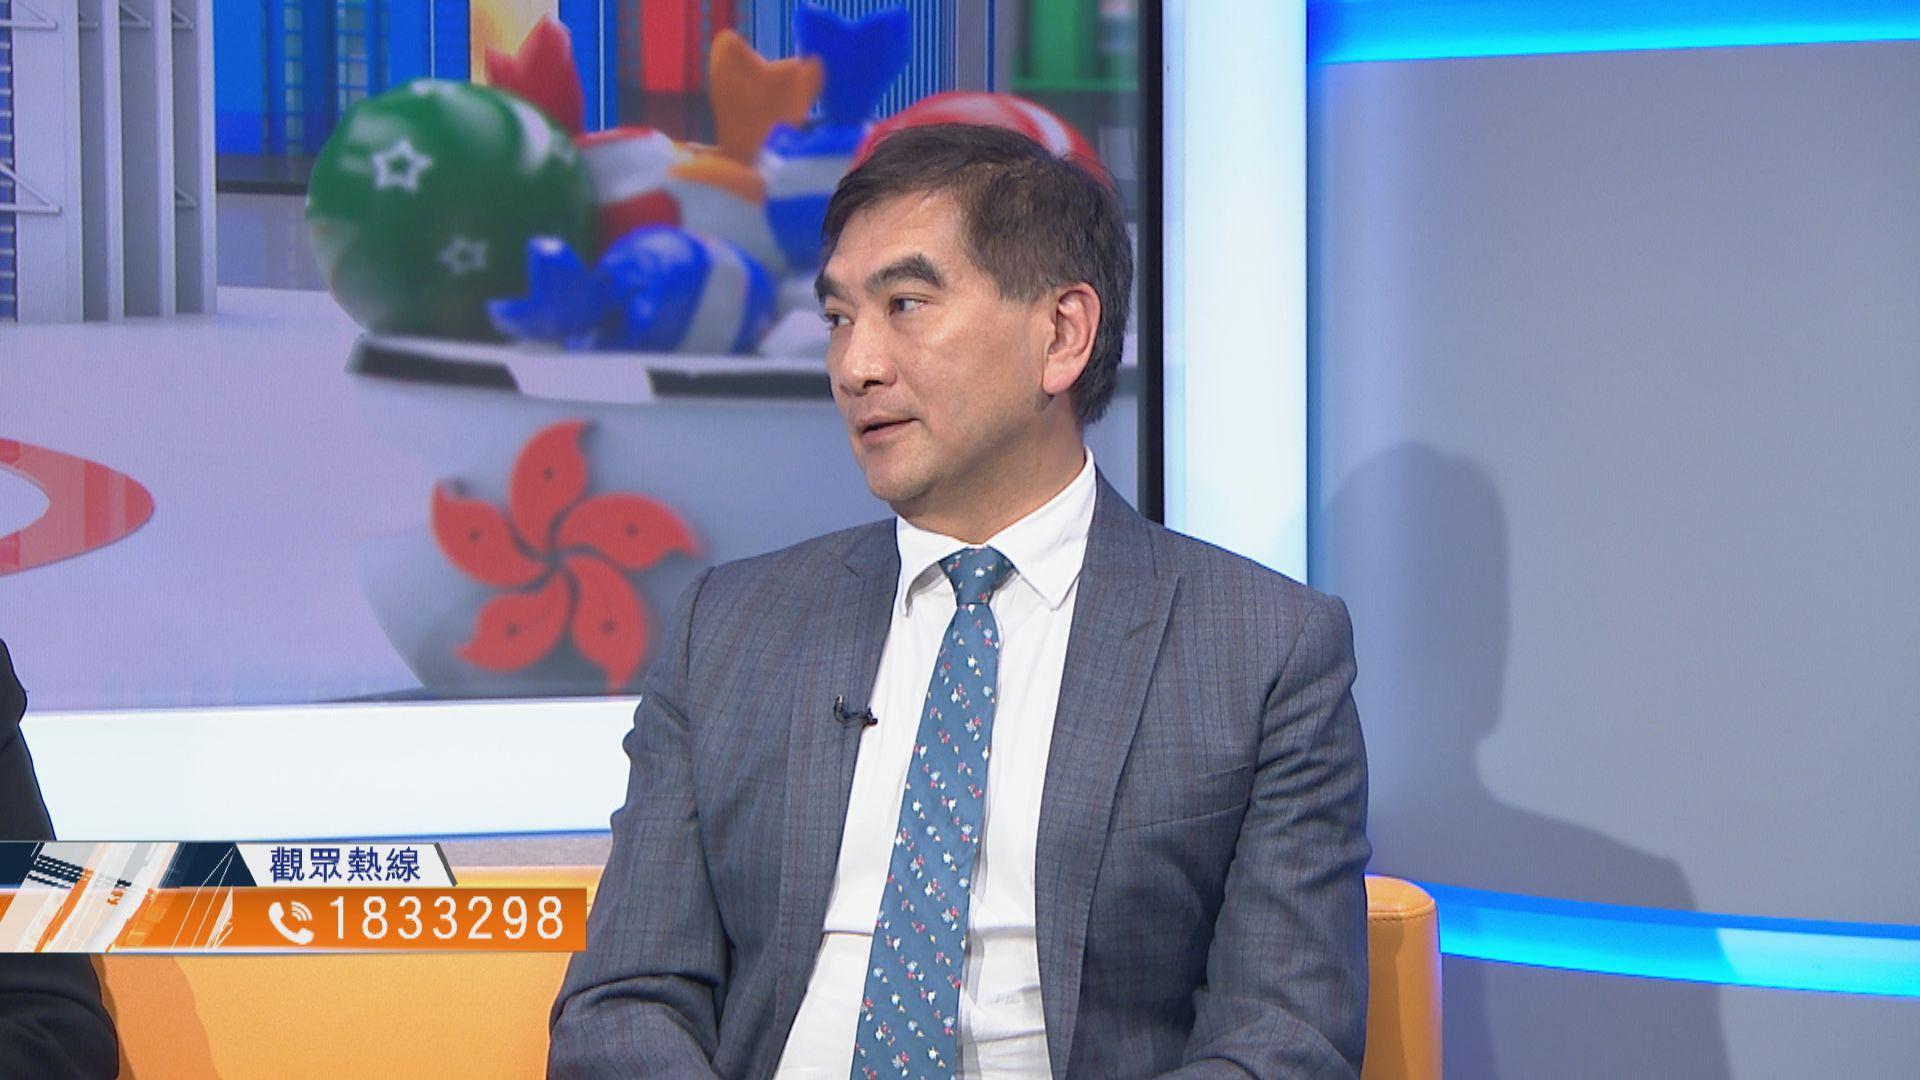 【點睇預算案?】鍾國斌:「有錢唔怕用」 教育醫療應投資更多